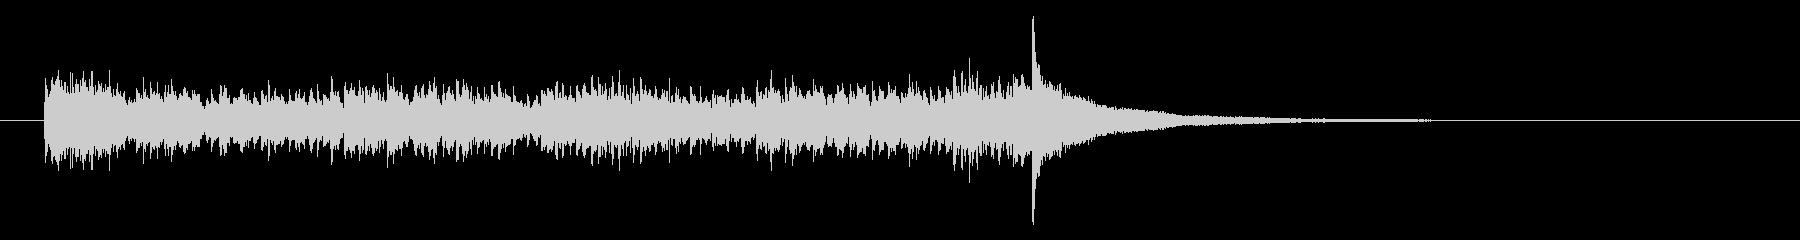 Dフラットの打楽器ティンパニロール...の未再生の波形